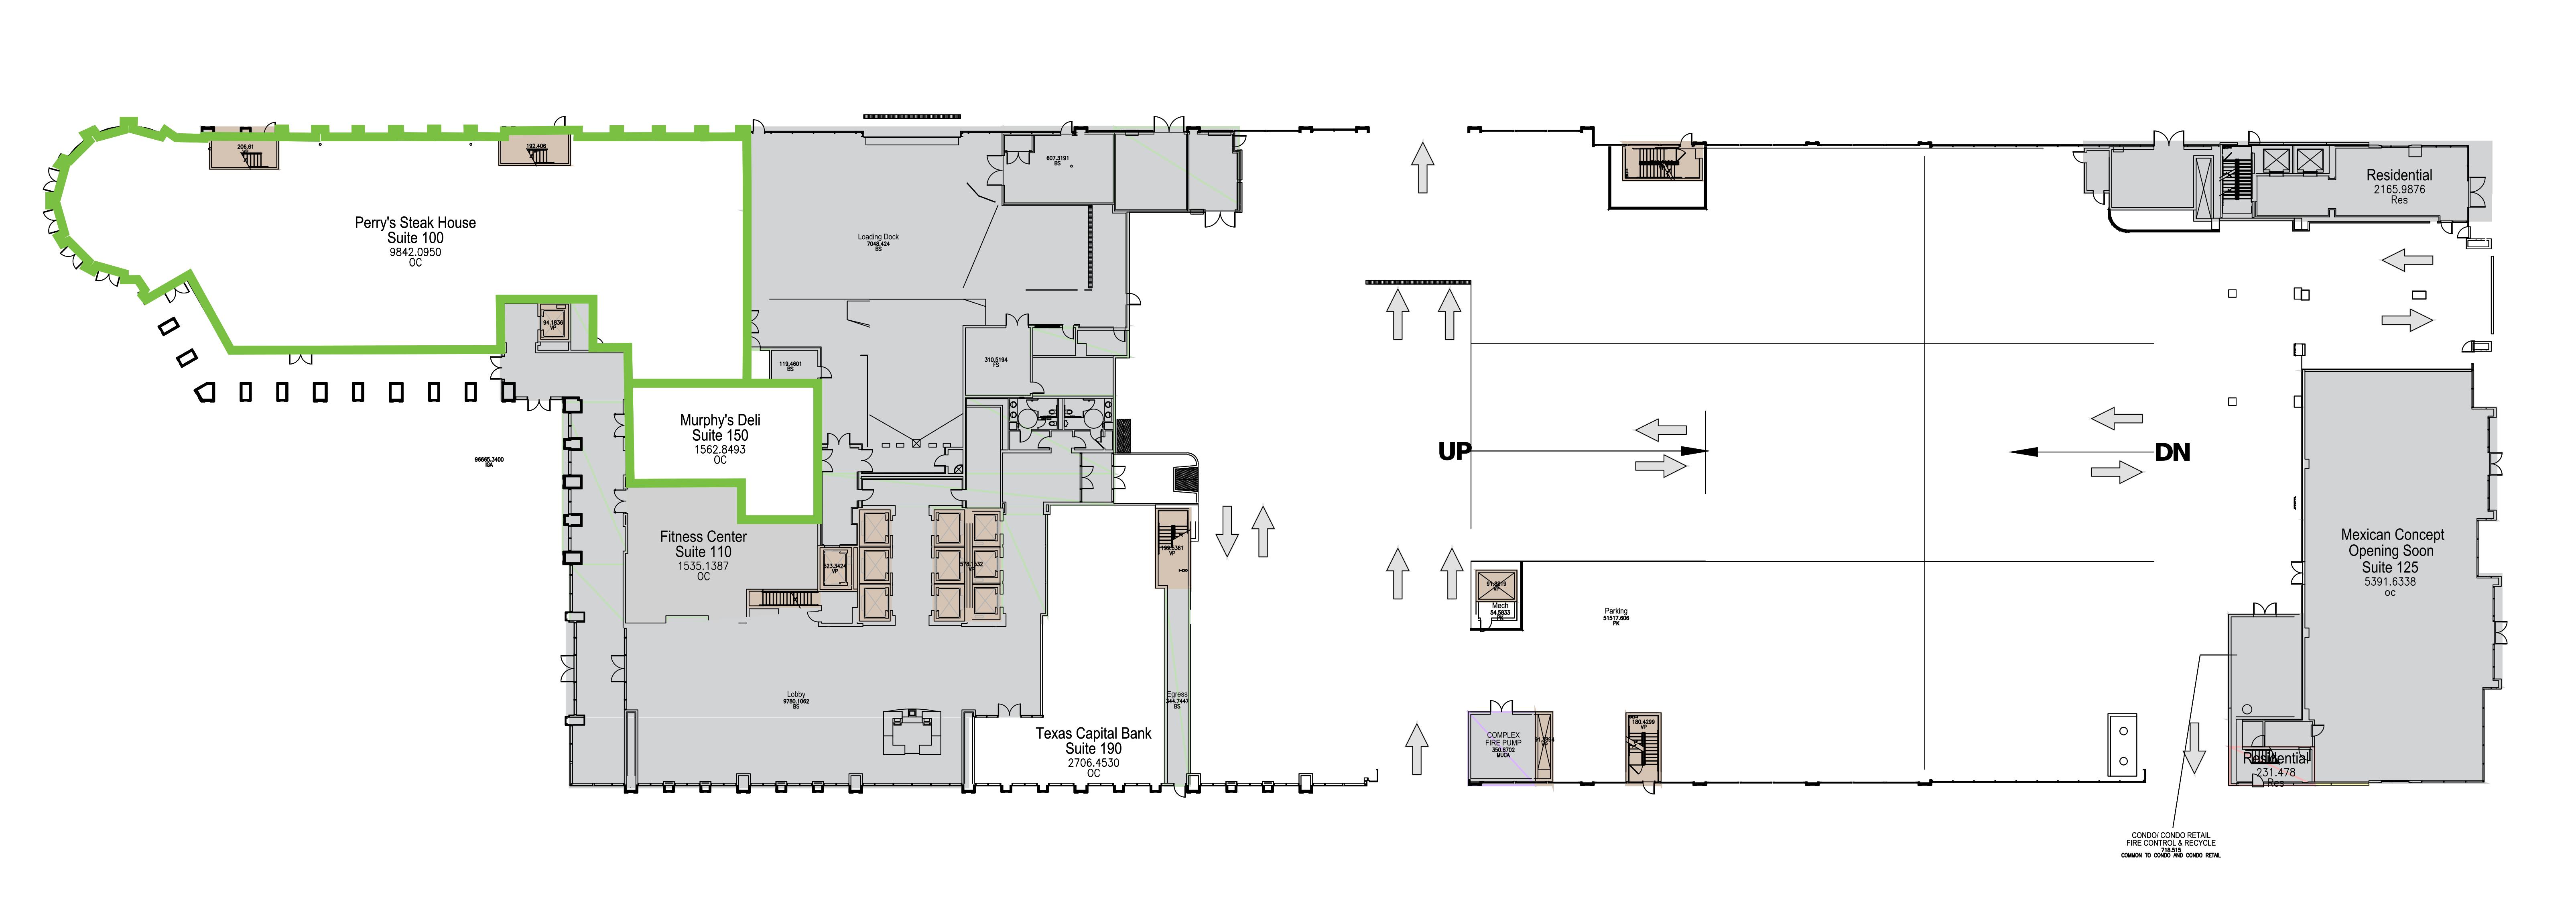 2000 McKinney Ave - 2nd Gen Restaurant: site plan